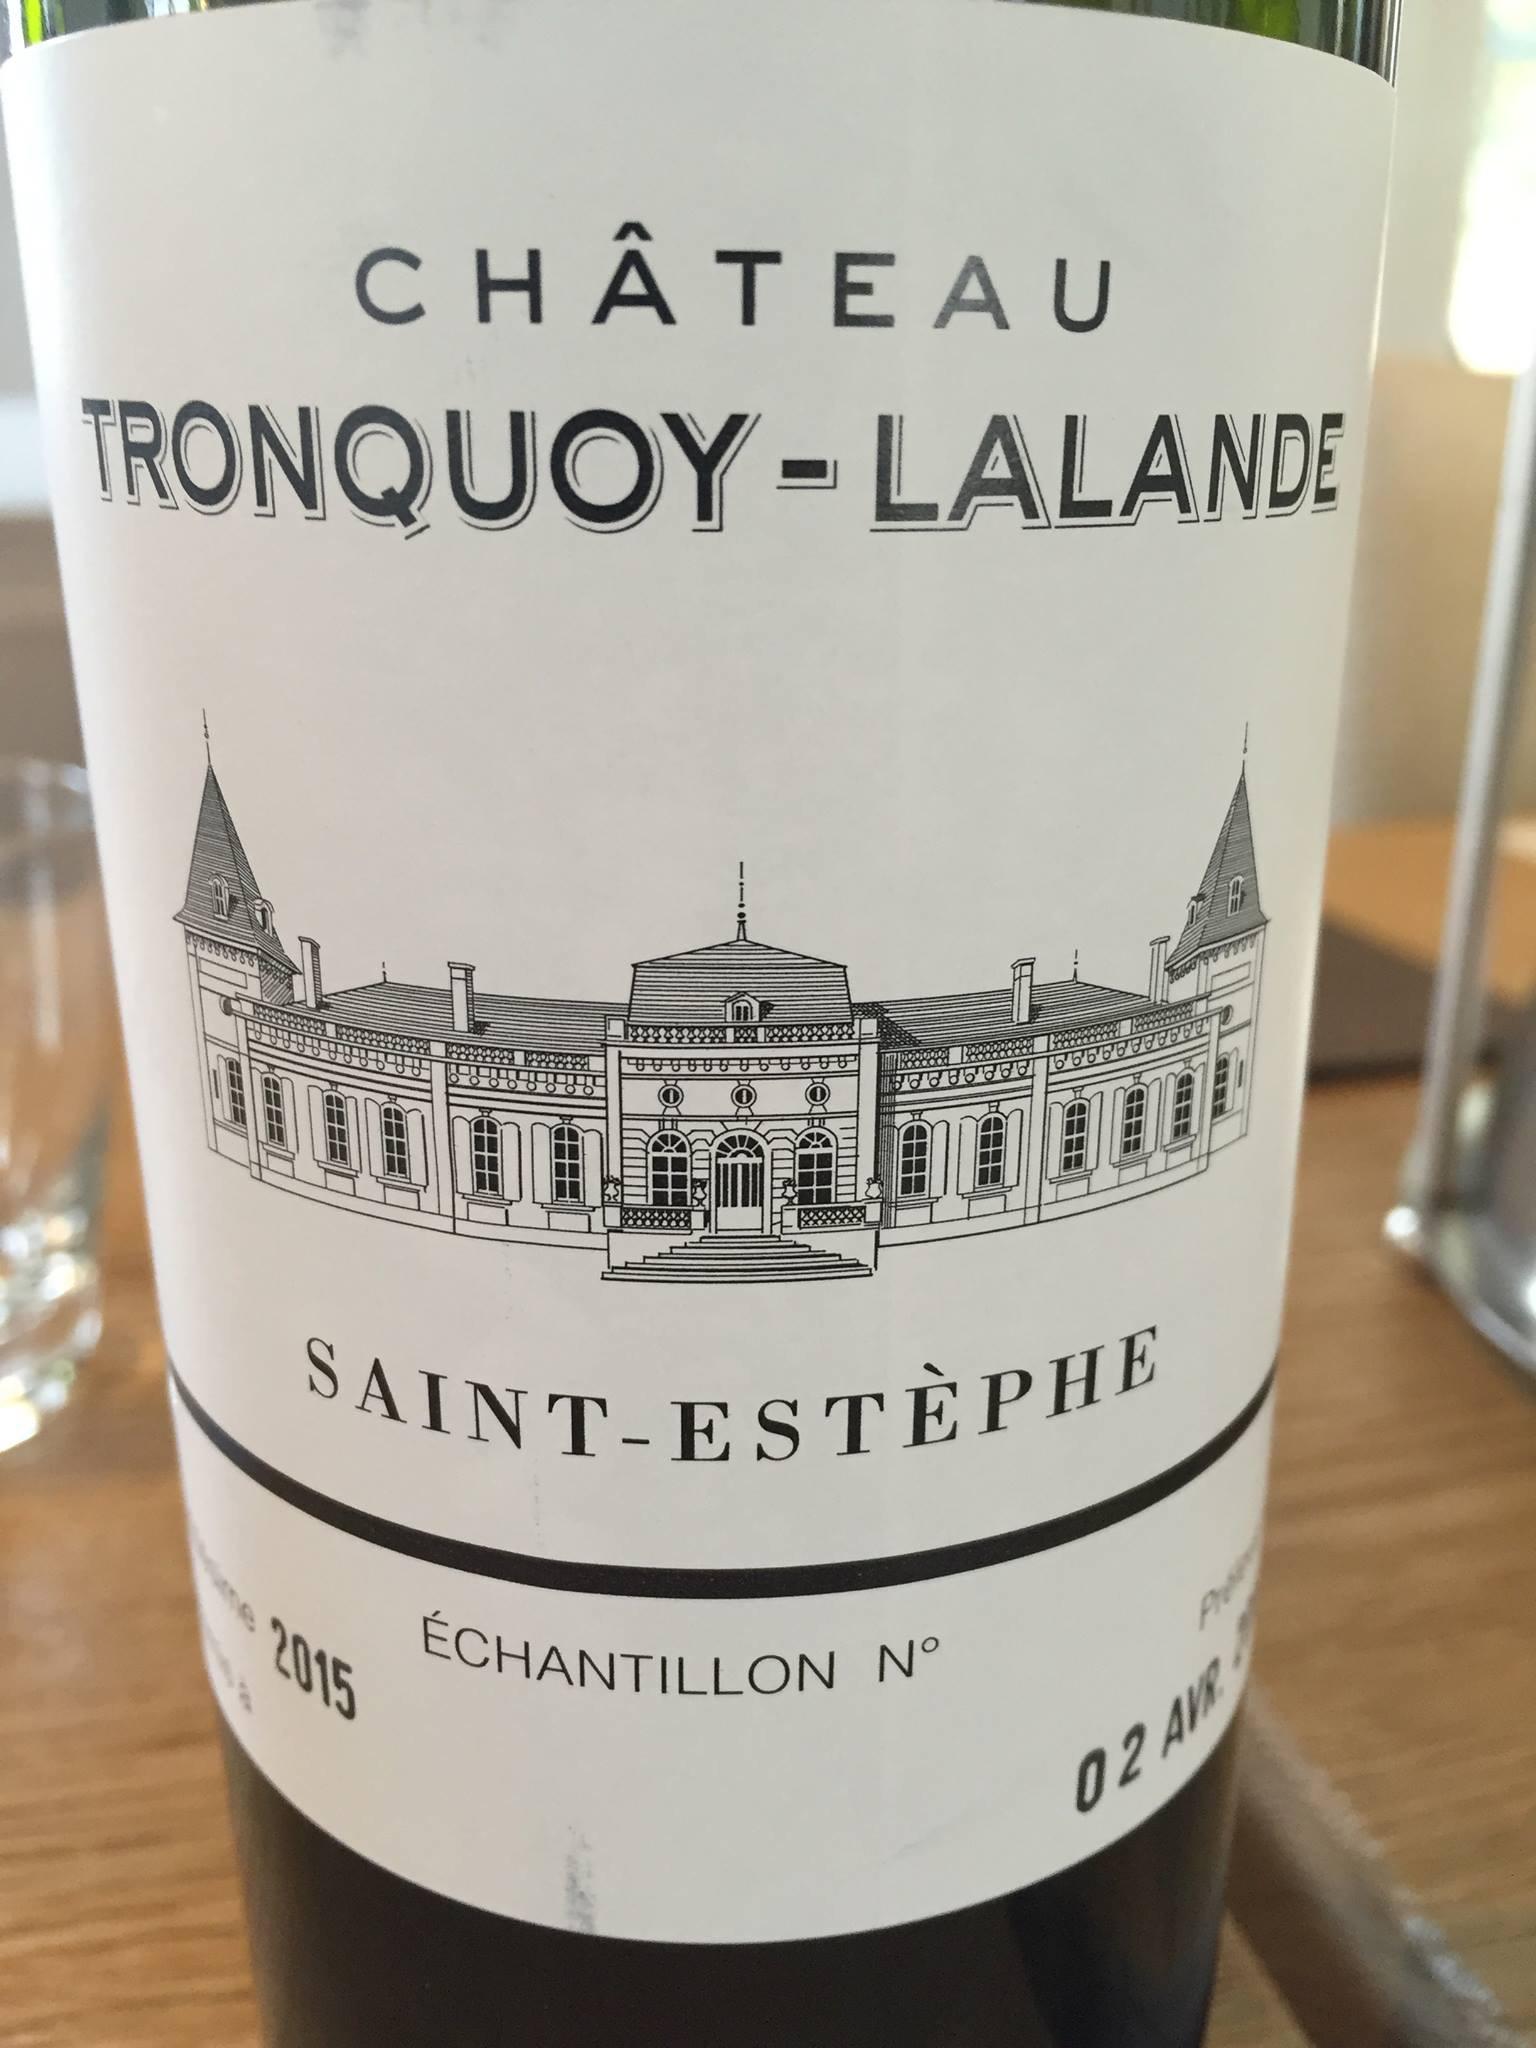 Château Tronquoy-Lalande 2015 – Saint-Estèphe